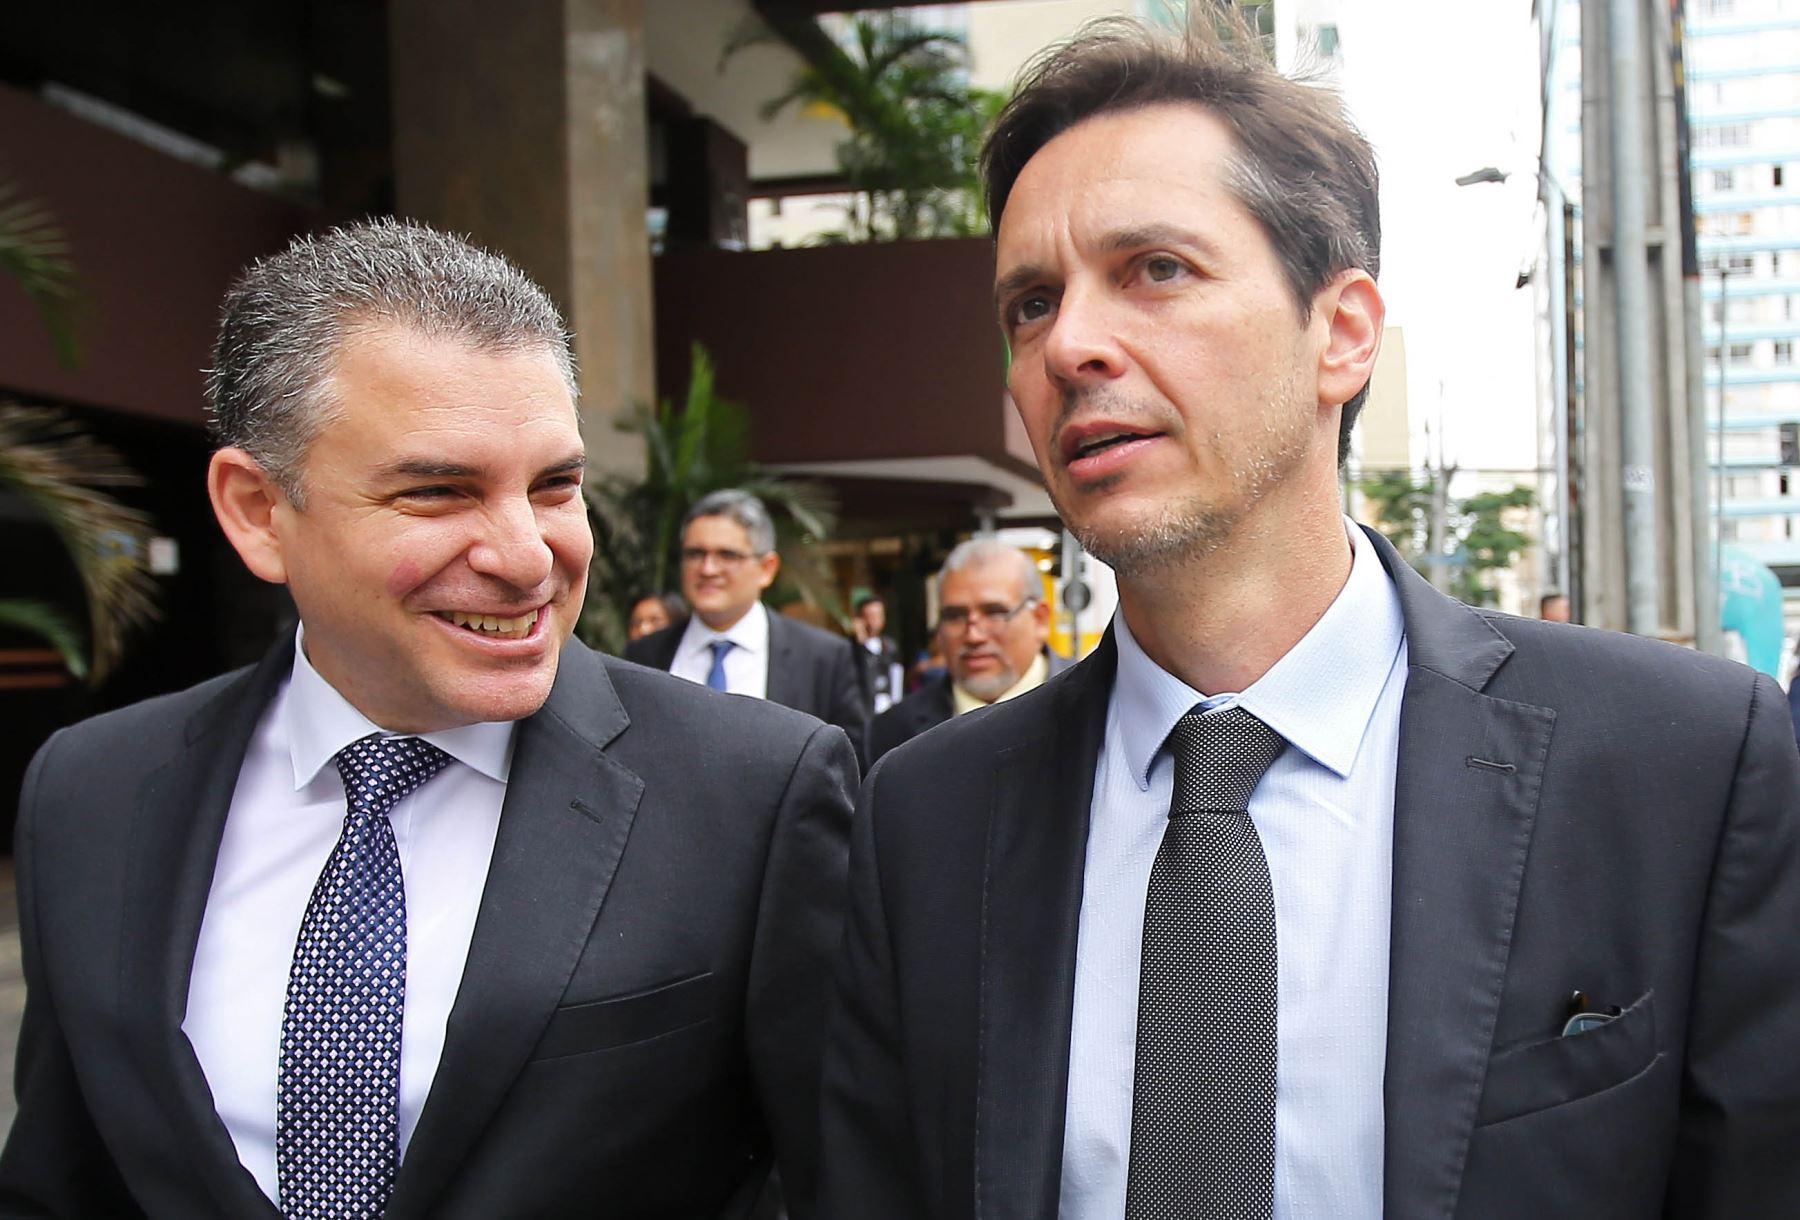 El fiscal Rafael Vela y su homólogo brasileño, Orlando Martello, abandonan el Ministerio Público de la Federación en Curitiba, Brasil. Foto: AFP